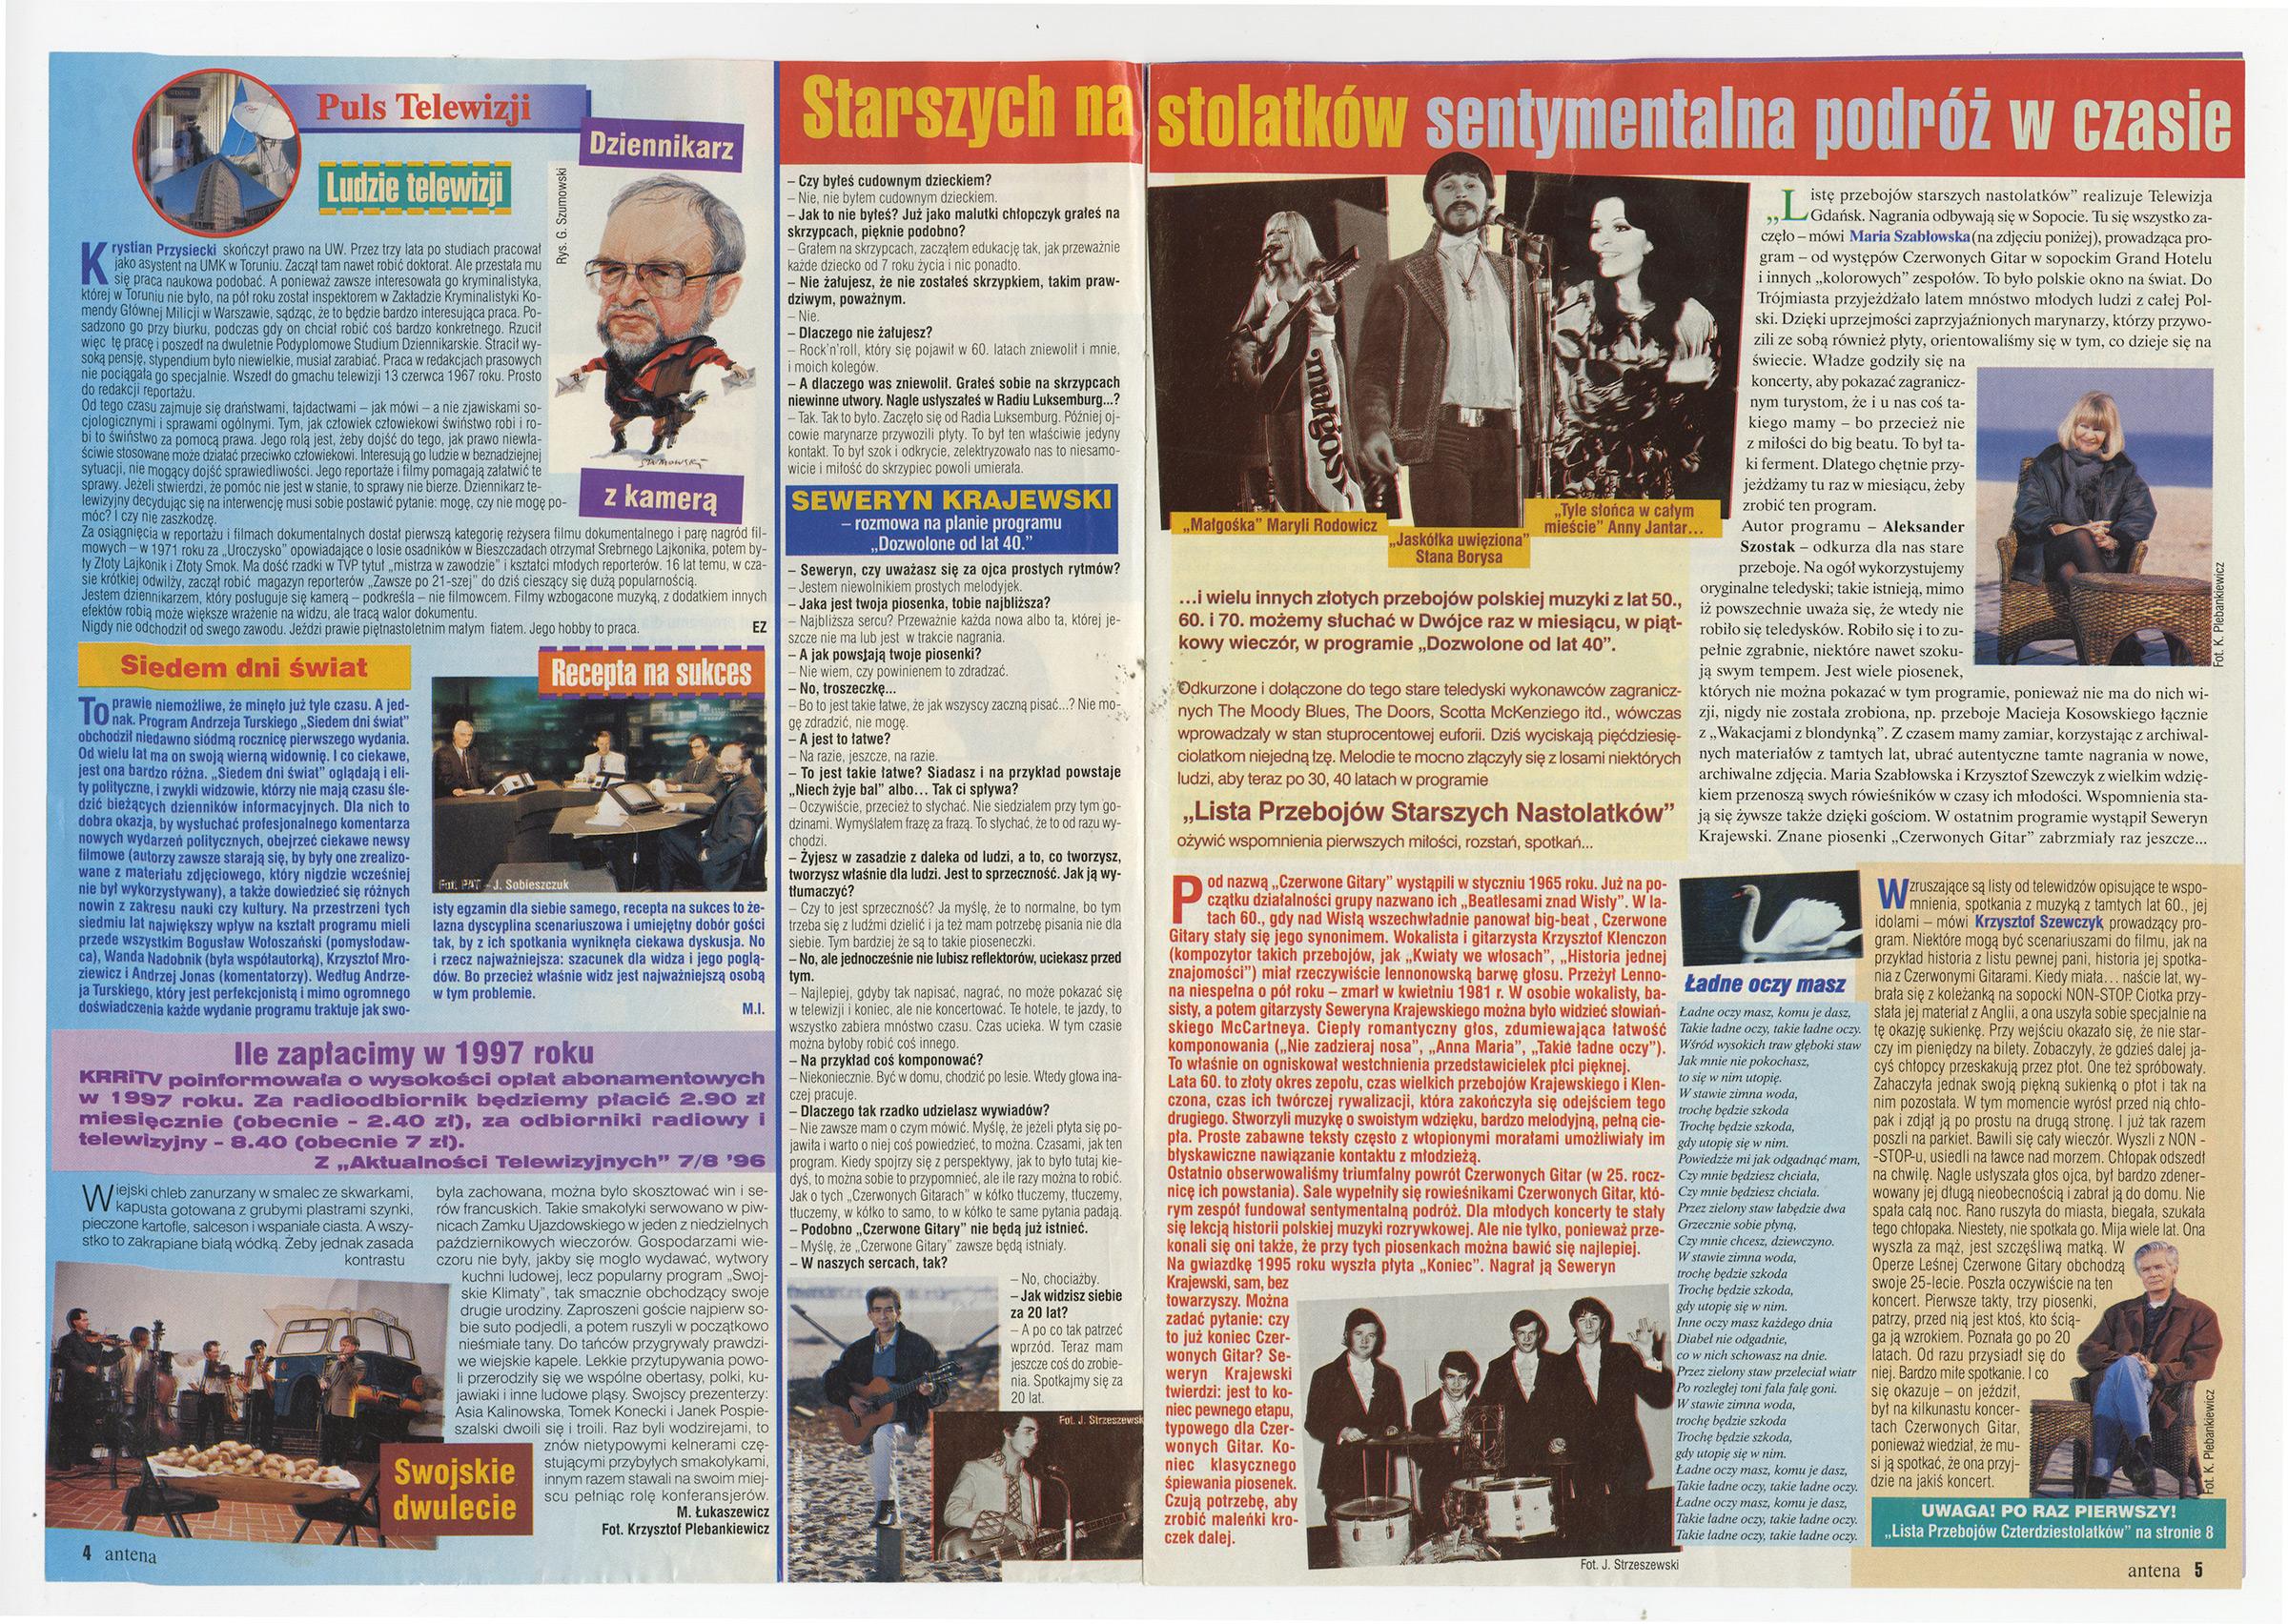 1991-2003-Starszych_nastolatkow_sentymentalna_podroz_w_czasie